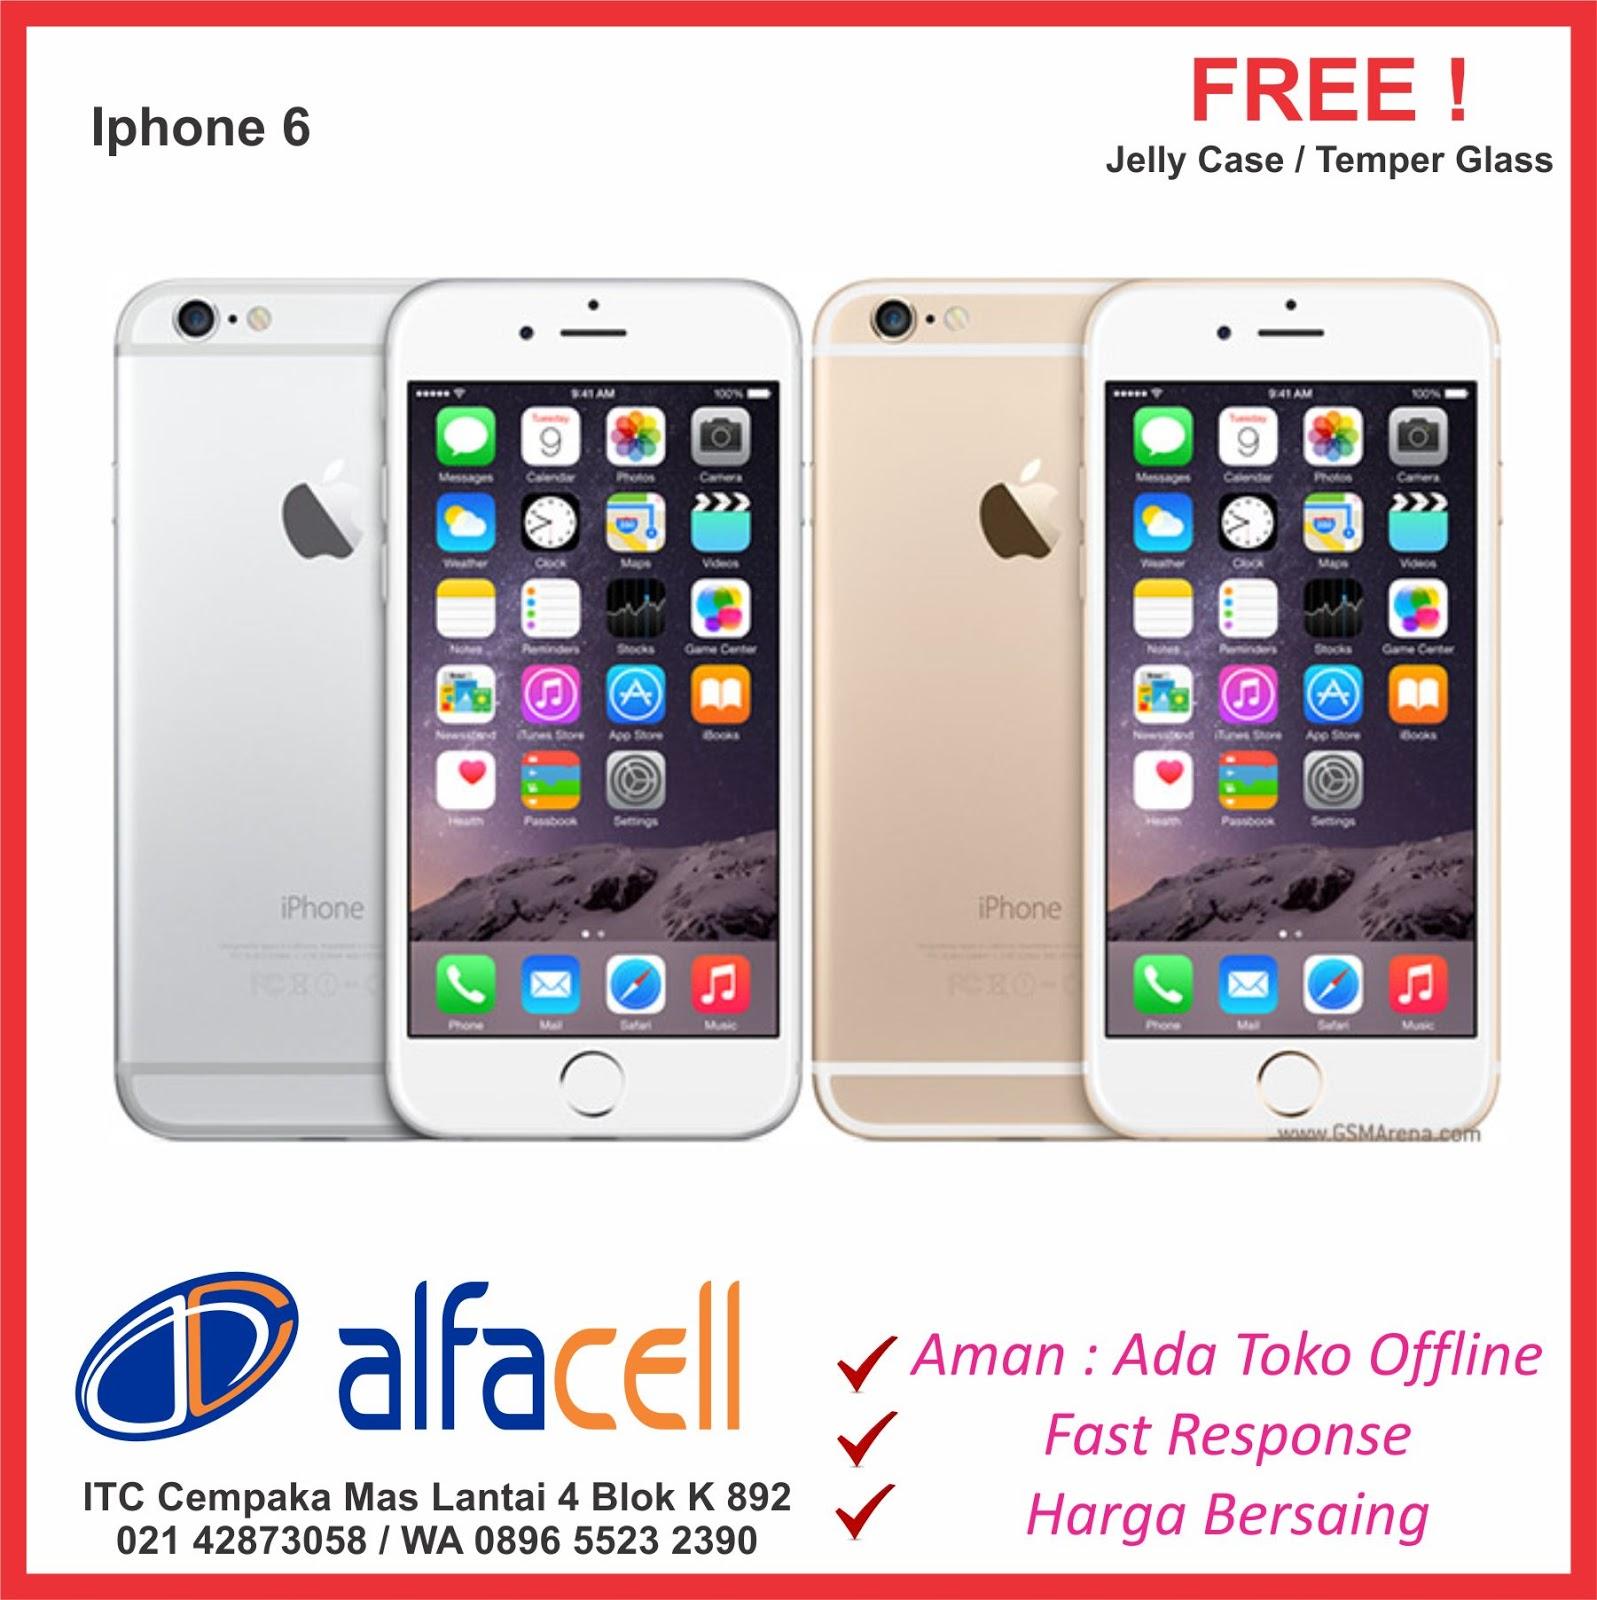 Iphone 6 dan 6 Plus Murah ITC Cempaka Mas Jakarta Bisa Kredit Tanpa Kartu Kredit Cash